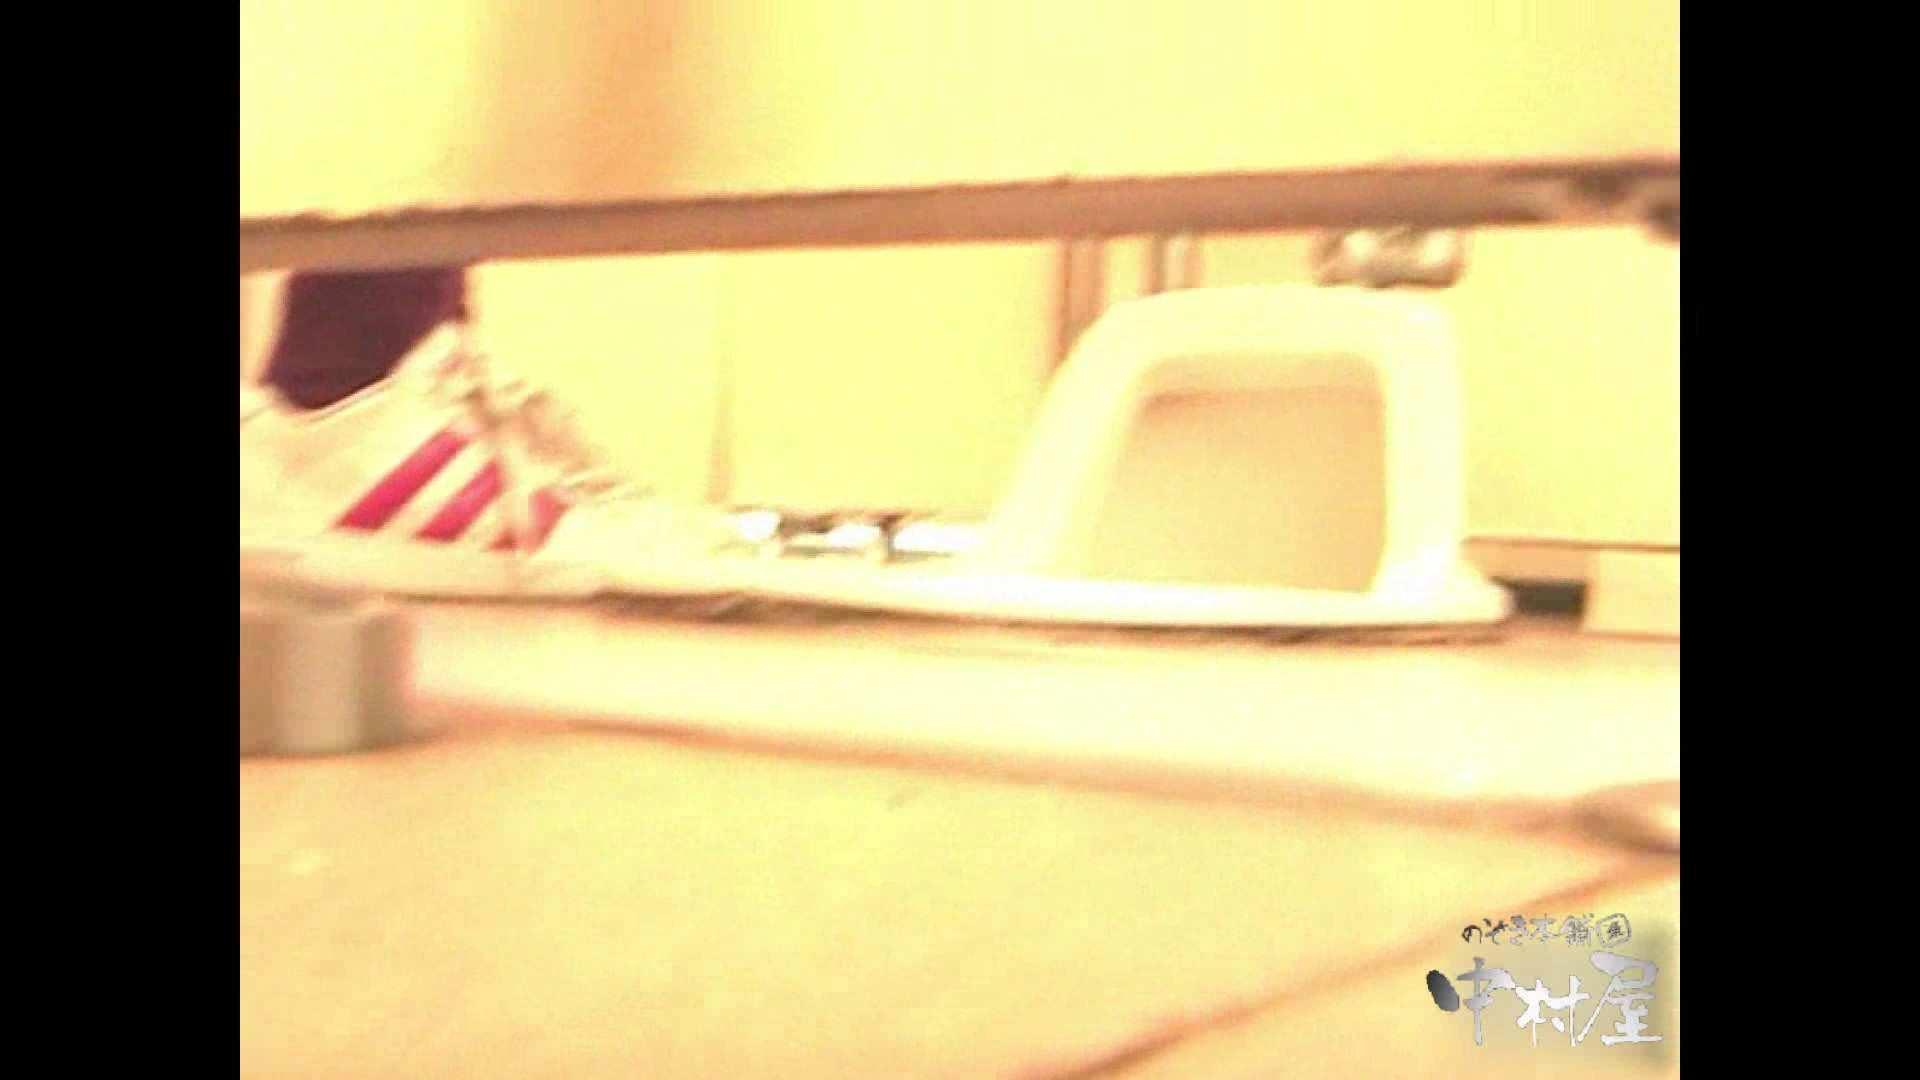 岩手県在住盗撮師盗撮記録vol.02 無修正マンコ ぱこり動画紹介 79連発 20